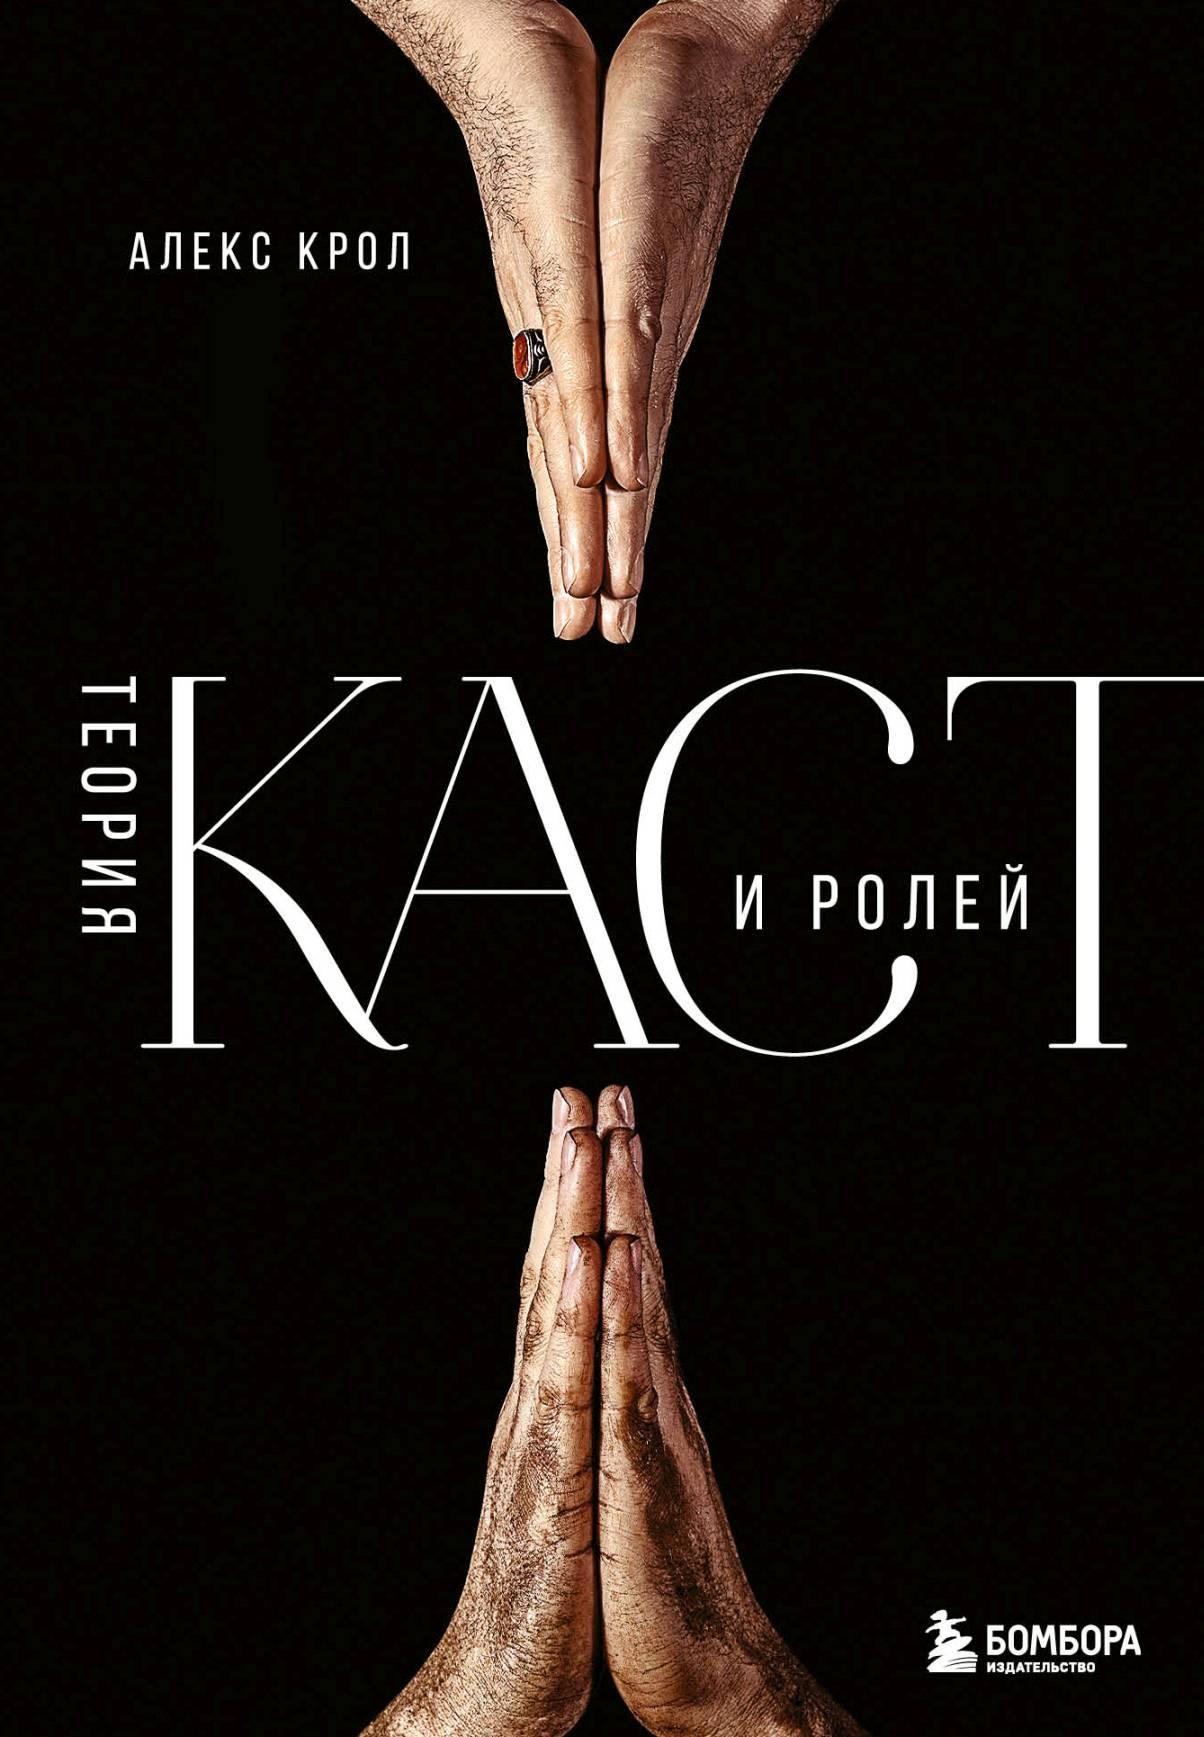 Алексей Крол Теория каст и ролей крол алекс теория каст и ролей